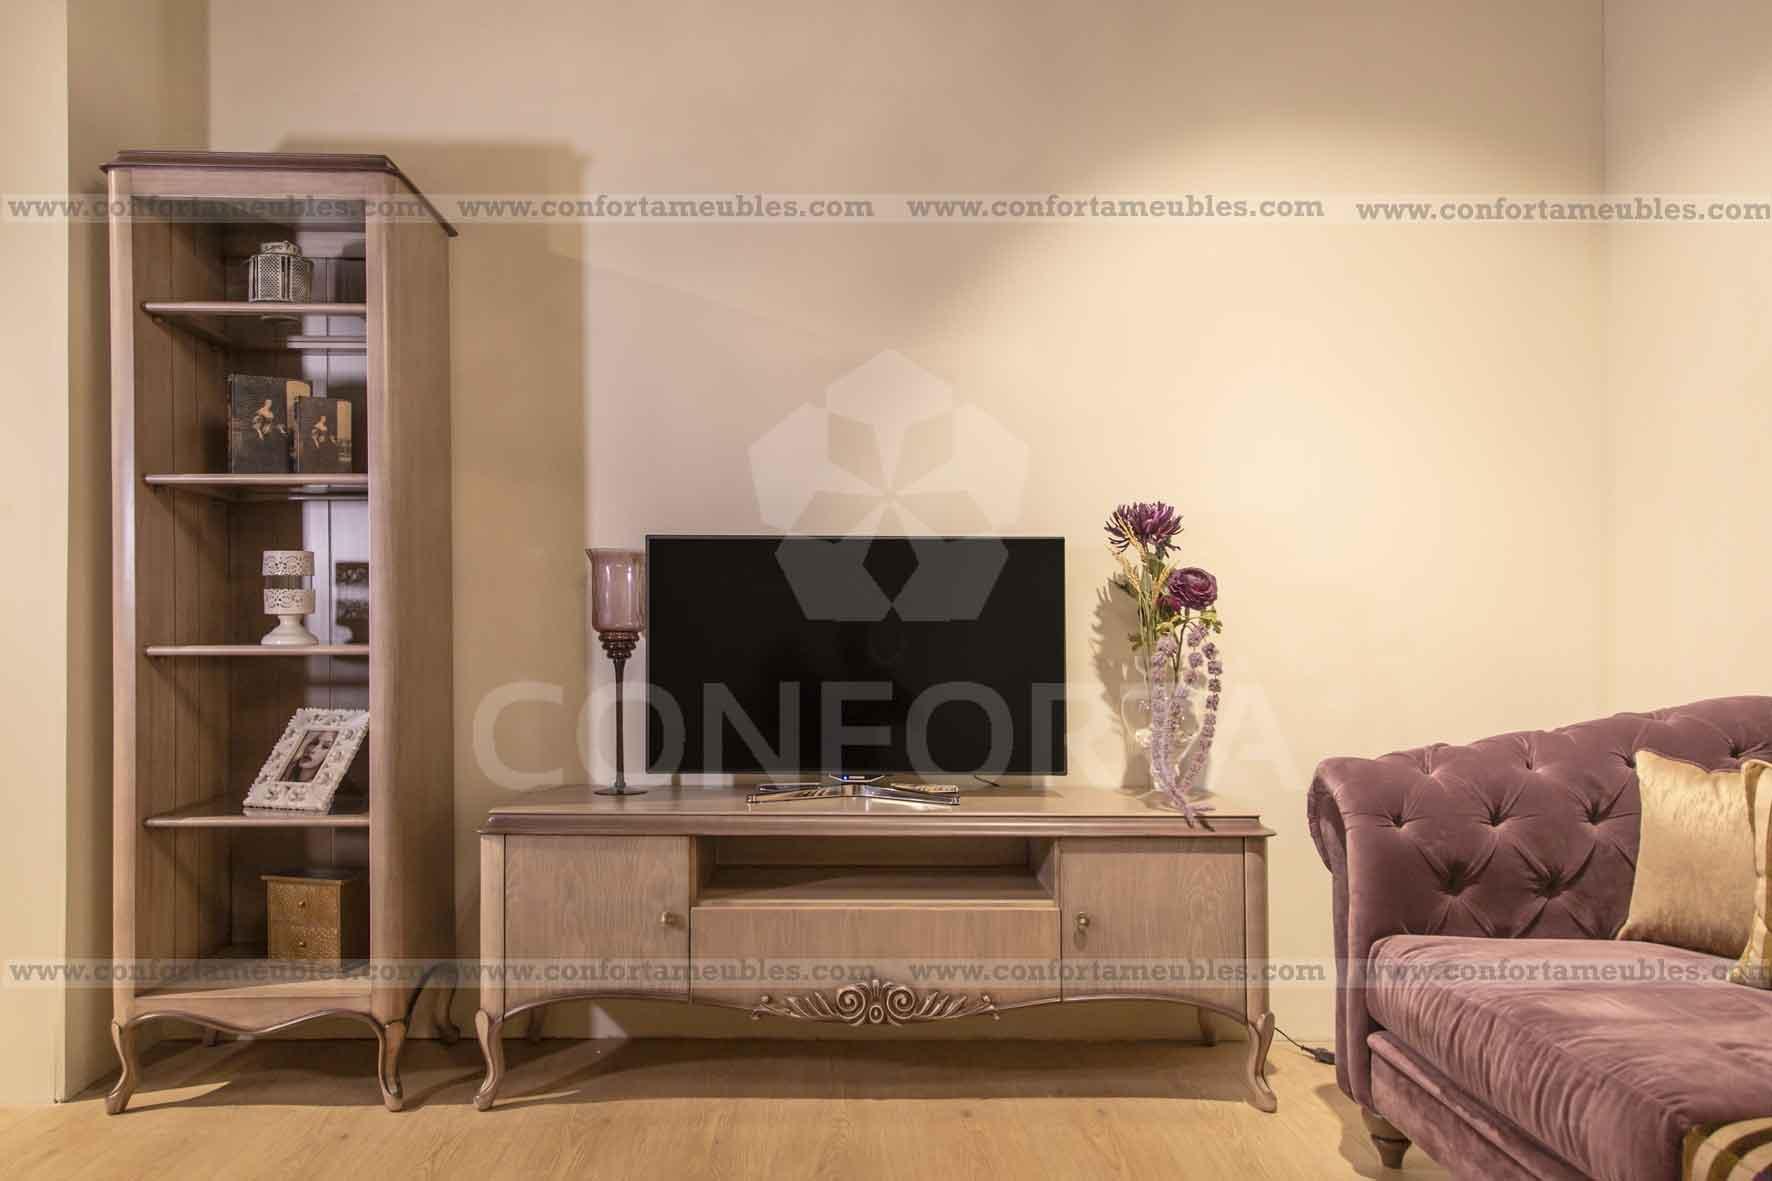 Meuble Tv Pour Coin meuble tv tunisie - meubles et décoration tunisie